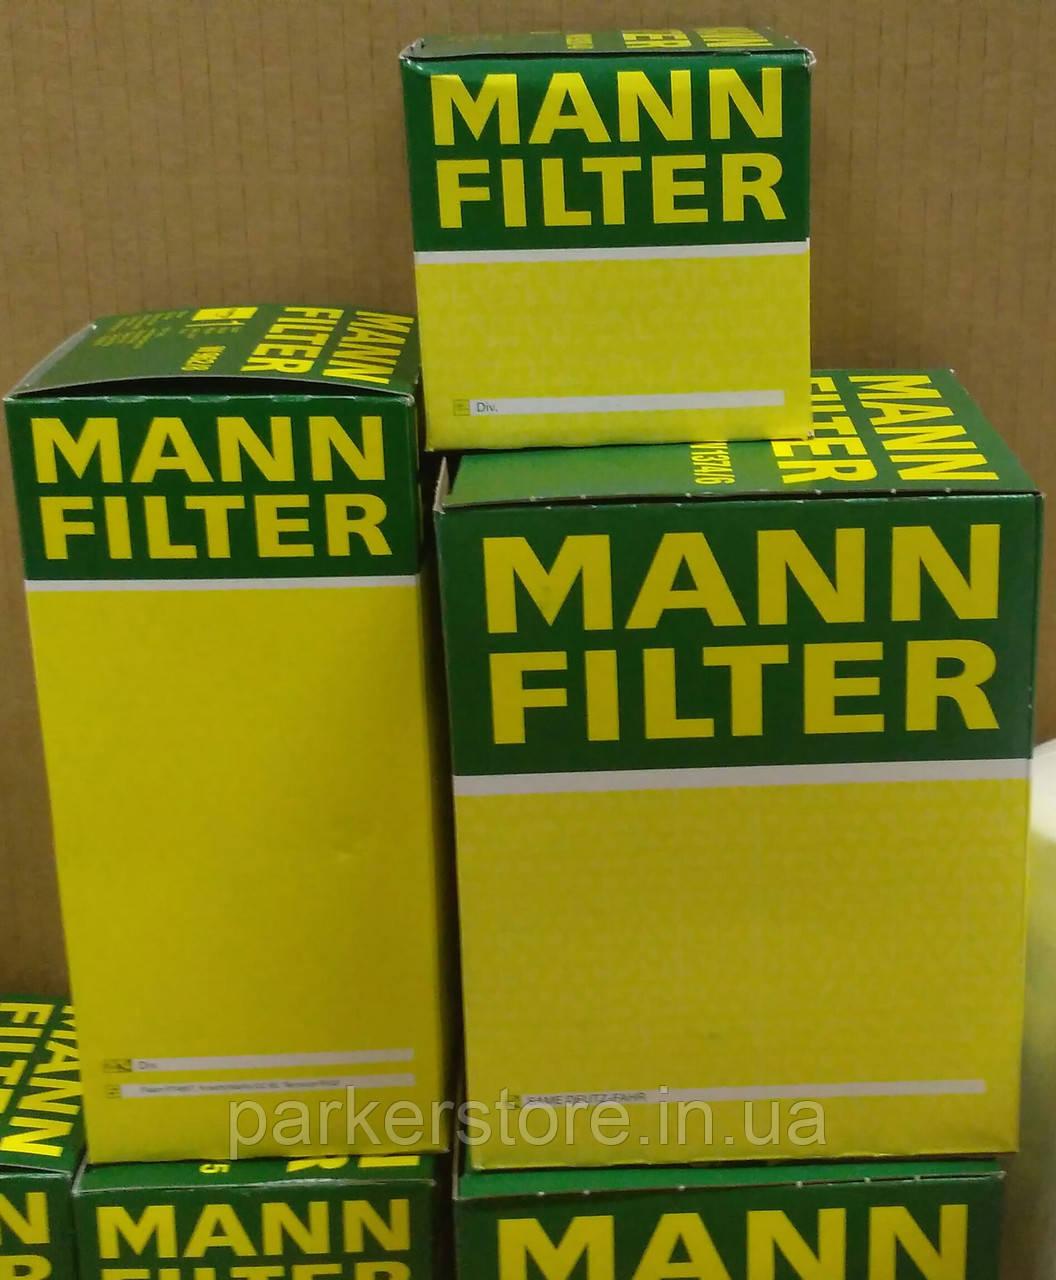 MANN FILTER / Воздушный фильтр / C 34 003 / C34003